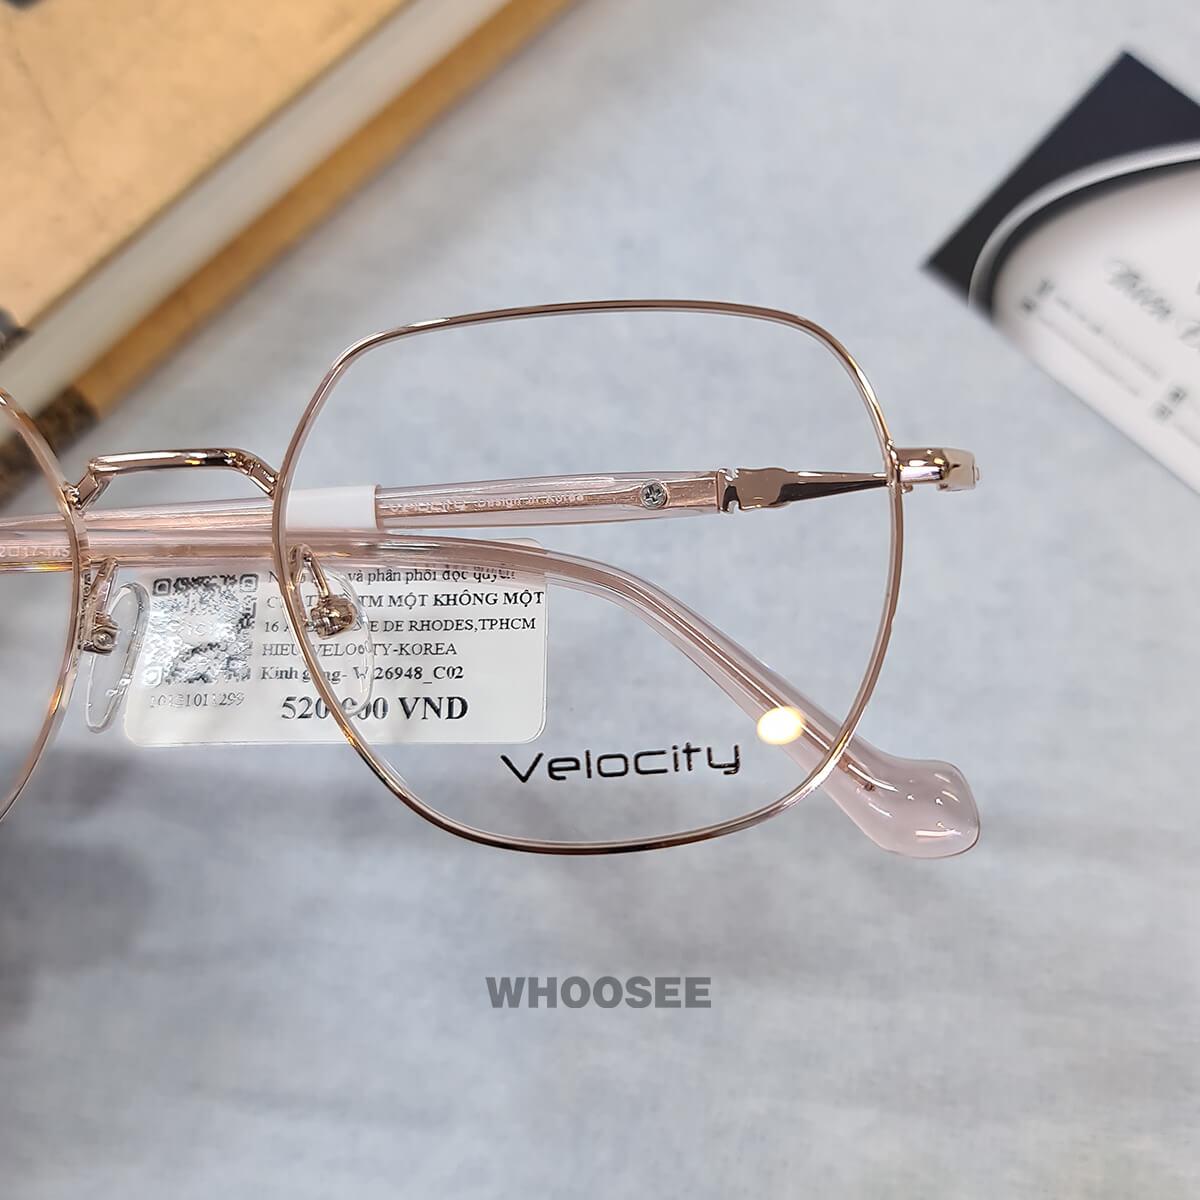 Gọng Kính Cận Kim Loại Vl26948 C02 Velocity